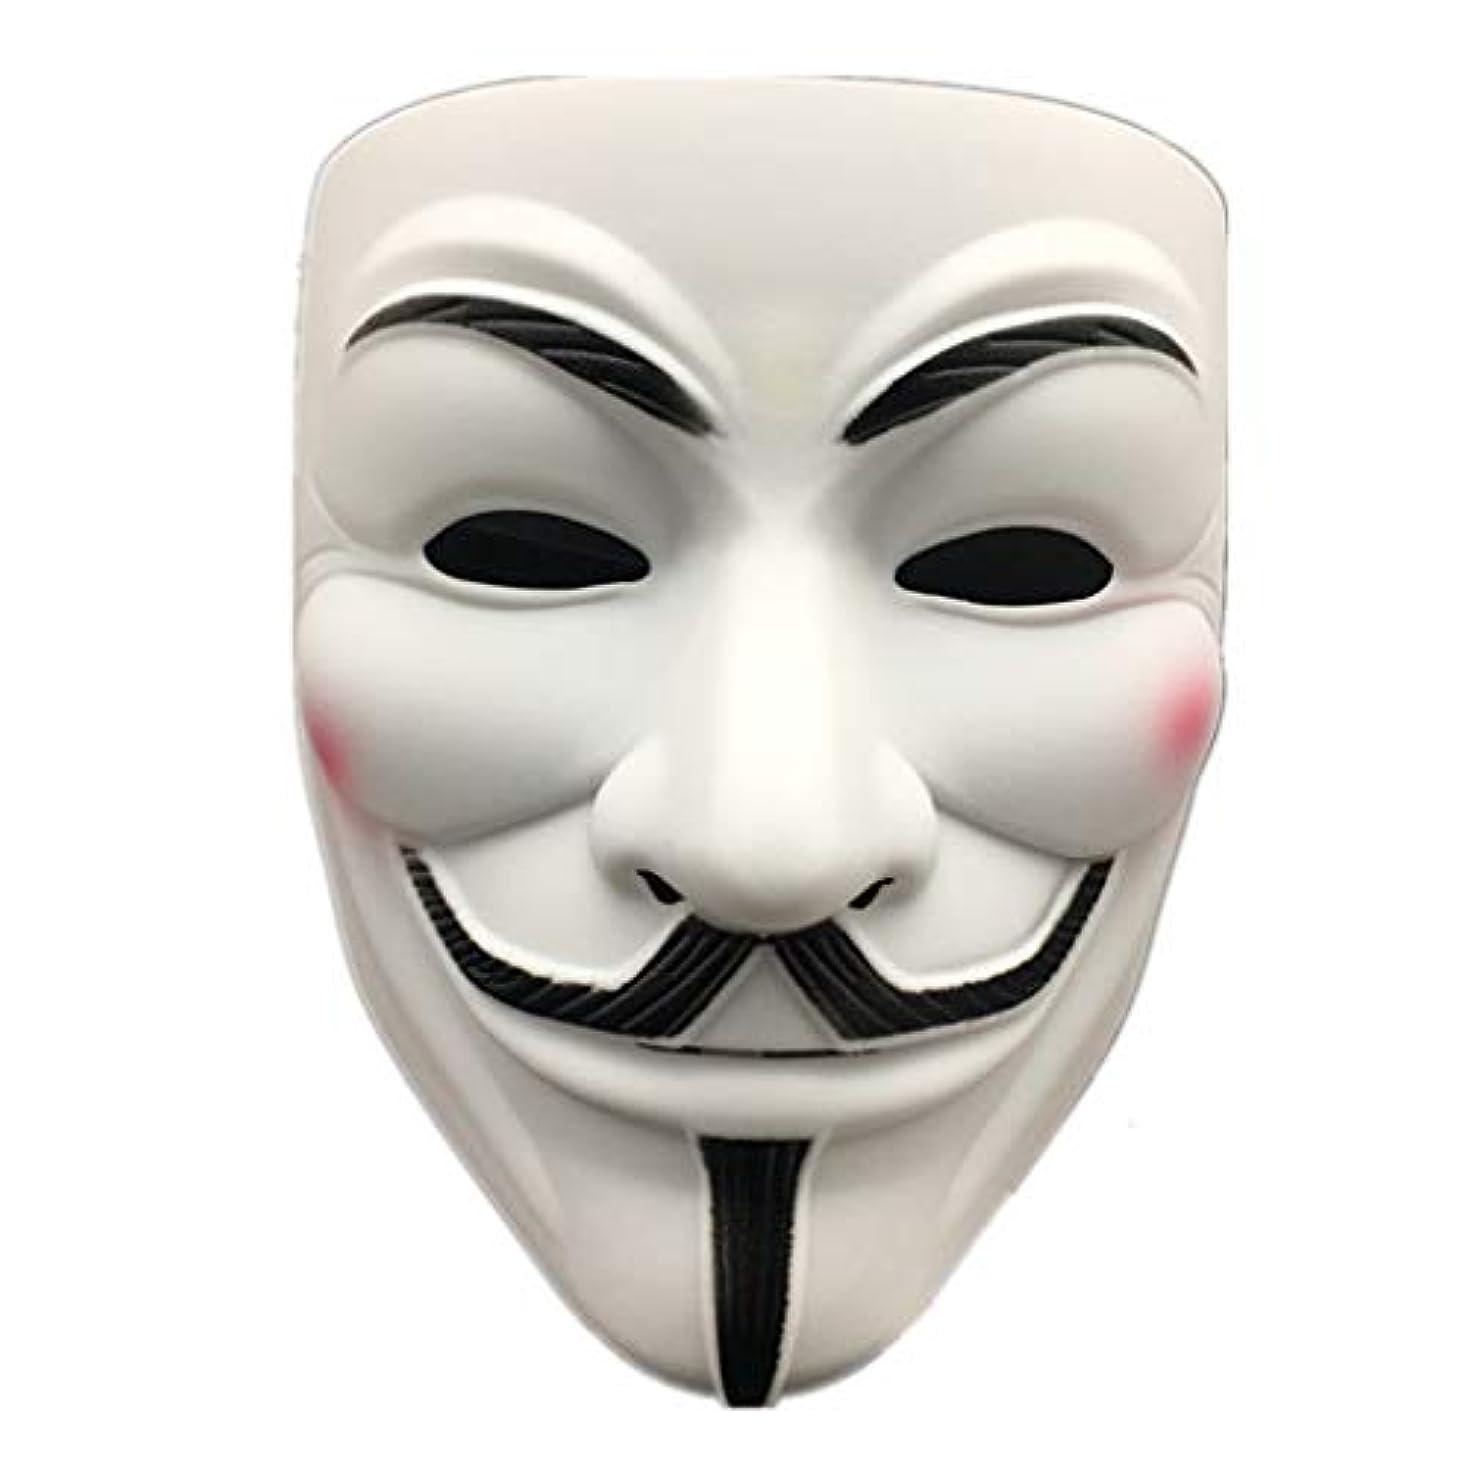 手足感度ぶら下がるハロウィンマスクフルフェイスストリートダンス振動マスク仮装変なマスクダンスマスク